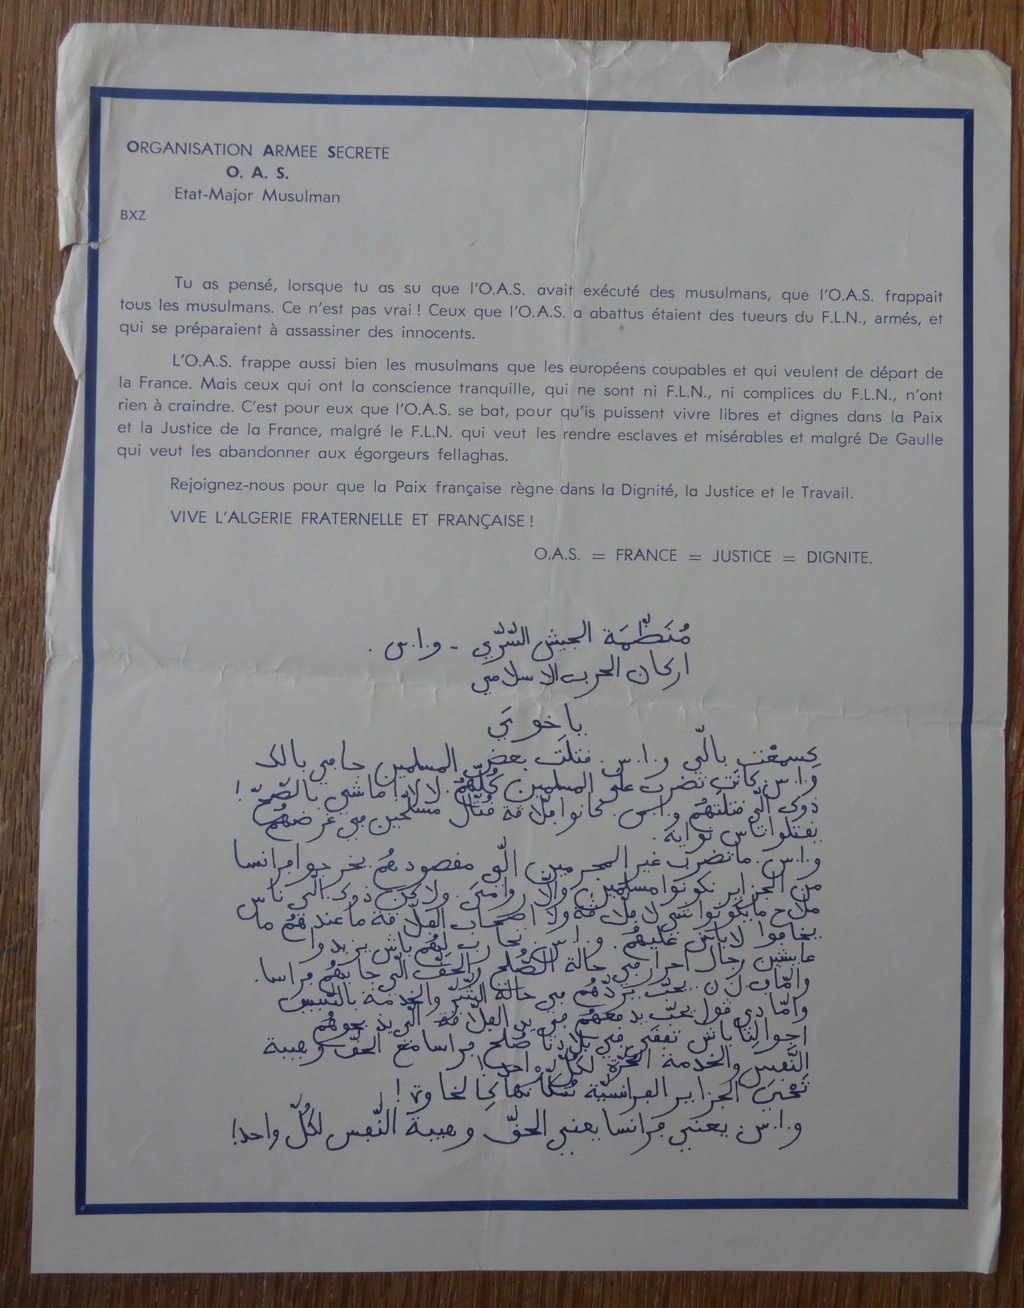 OAS - guerre d'Algérie - documents d'époque? Dsc01513